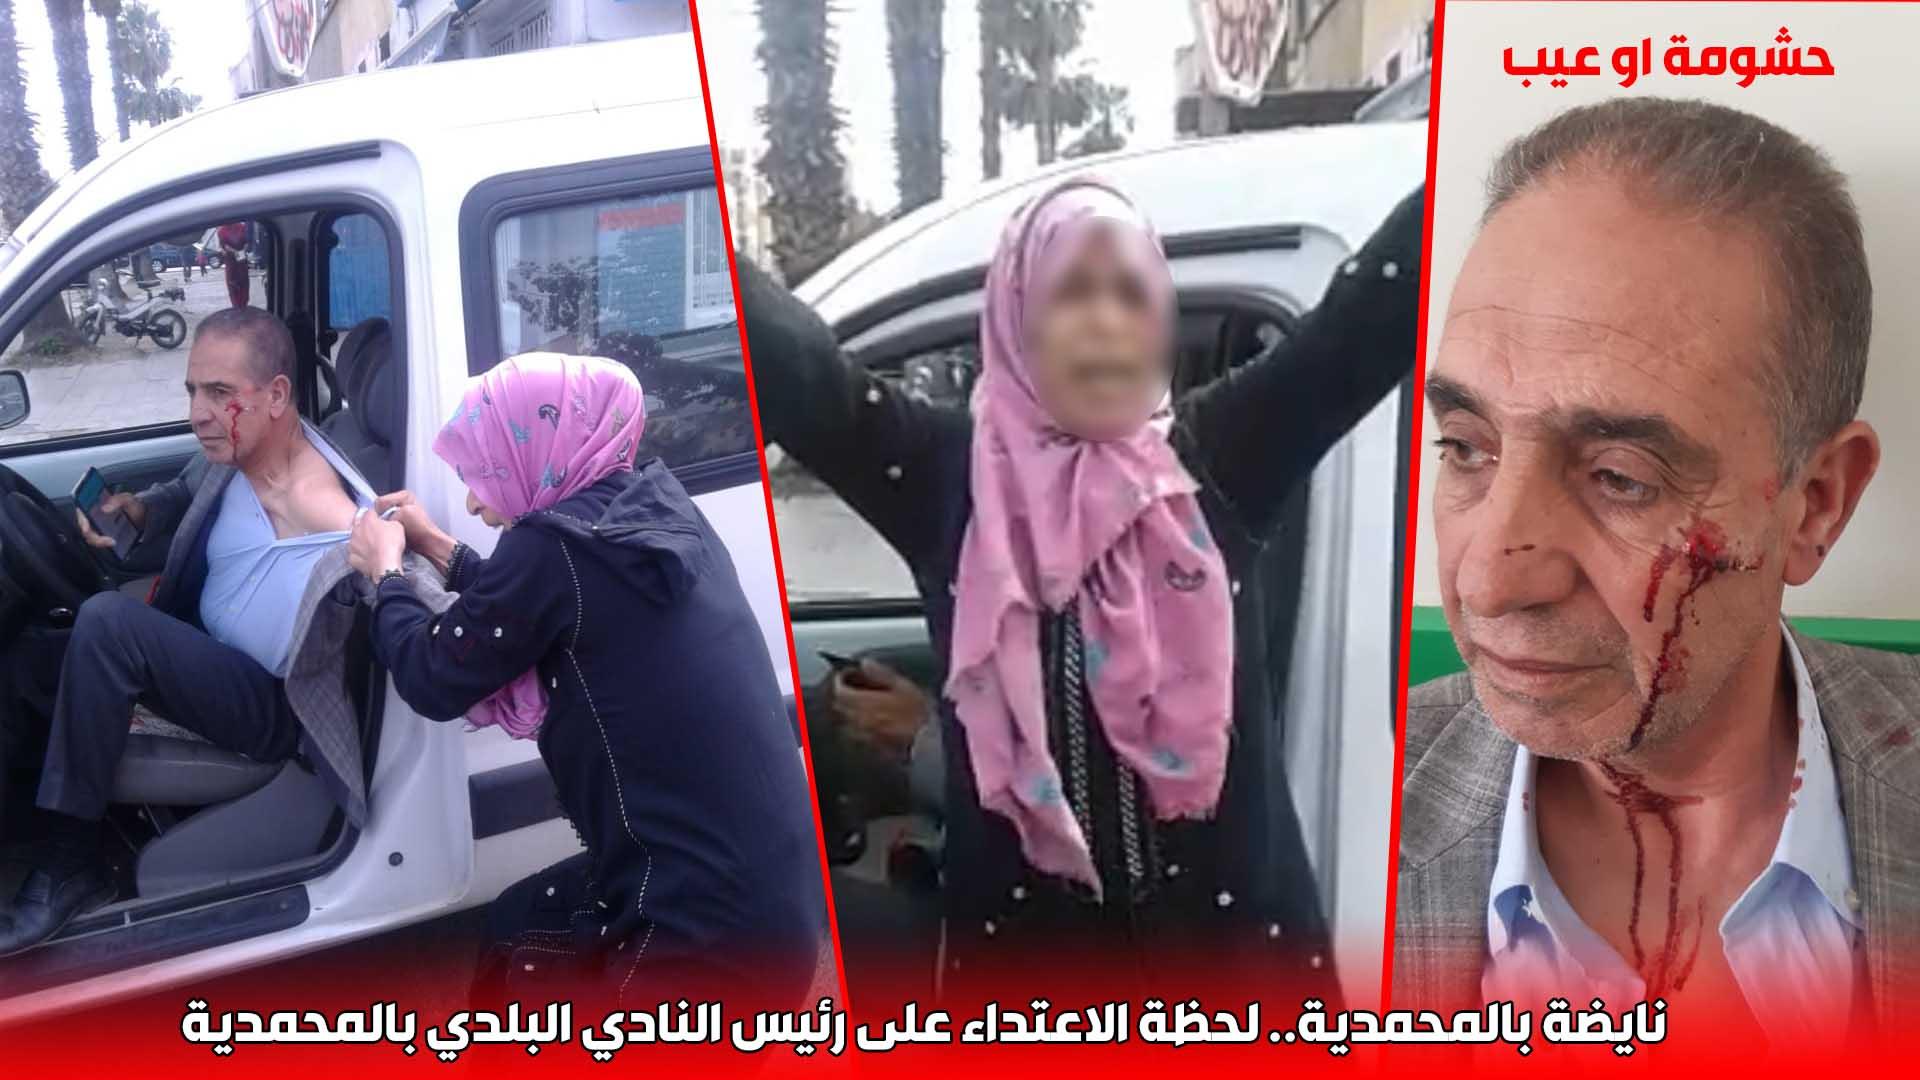 بالفيديو !!  لحظة الاعتداء على رئيس النادي البلدي بالمحمدية .. لقاتو درويش